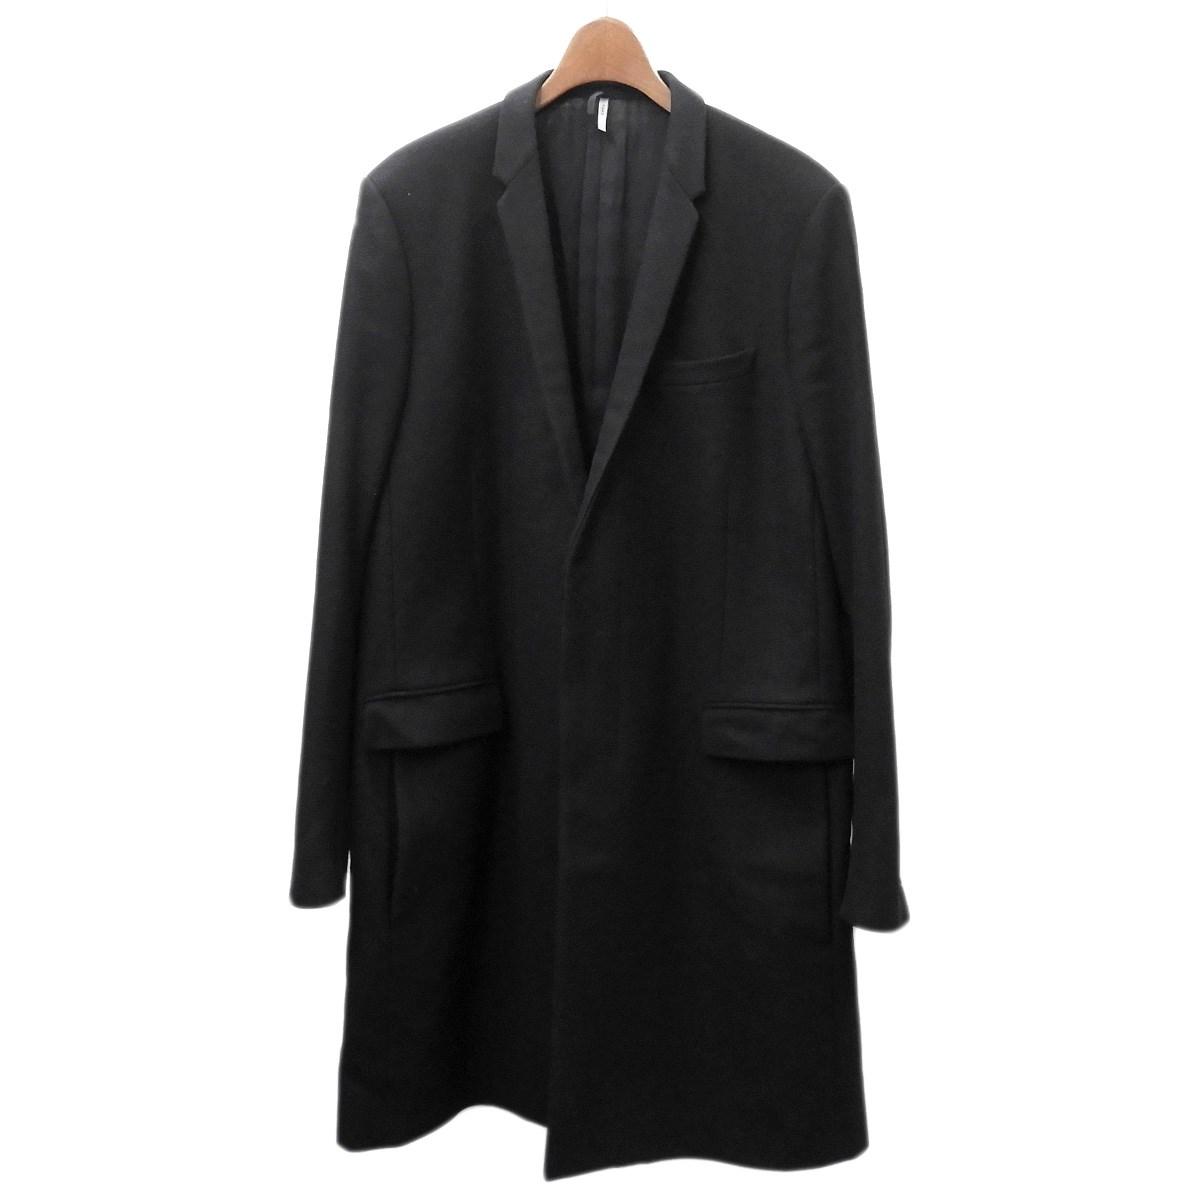 【中古】Dior Homme チェスターコート ブラック サイズ:48 【090420】(ディオールオム)